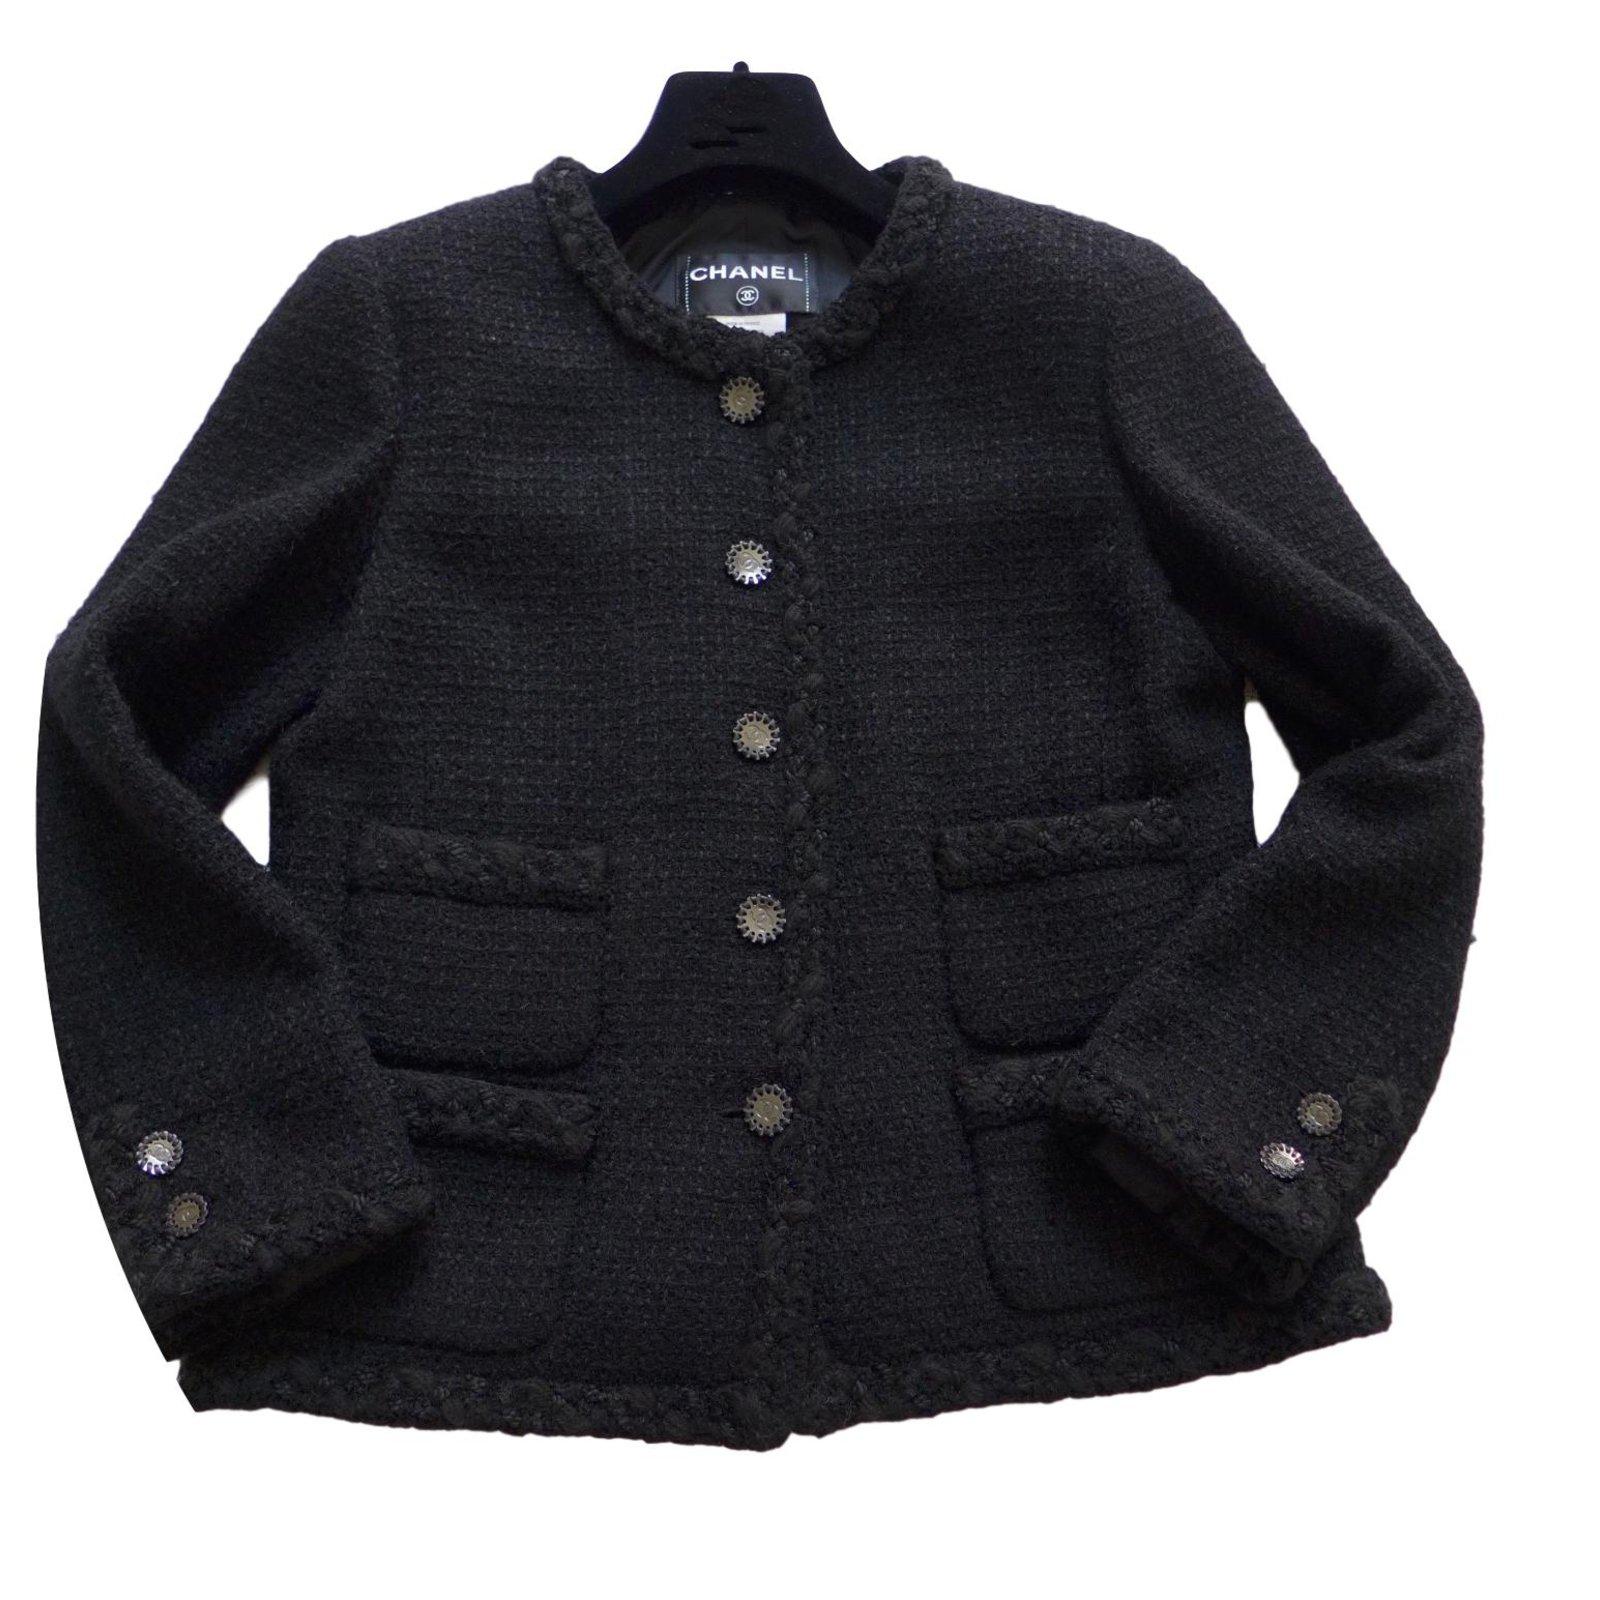 Le petite veste noire